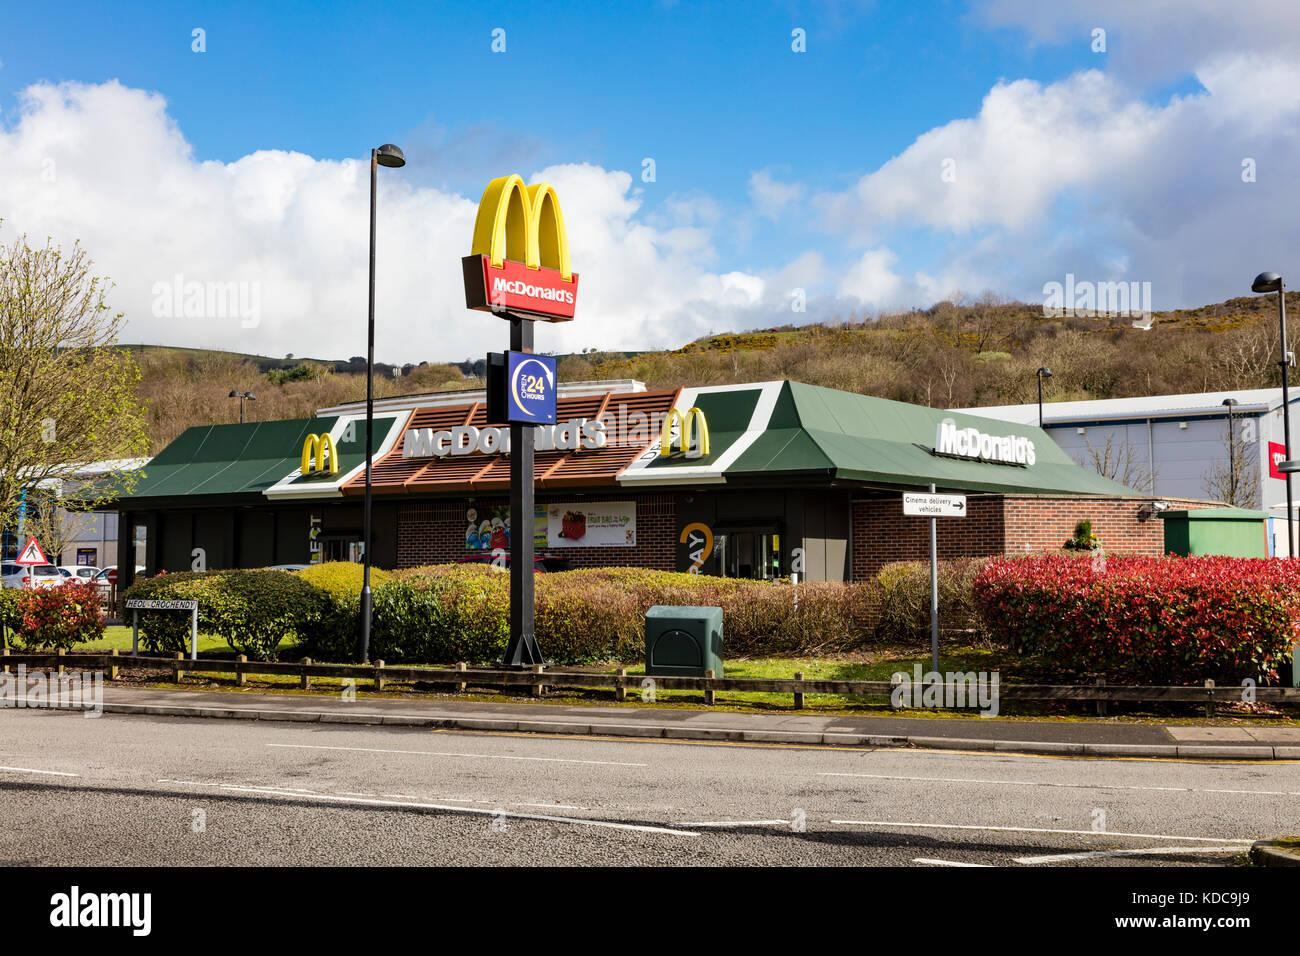 McDonalds opposite Coleg y Cymoedd, Nantgarw. Wales, UK - Stock Image